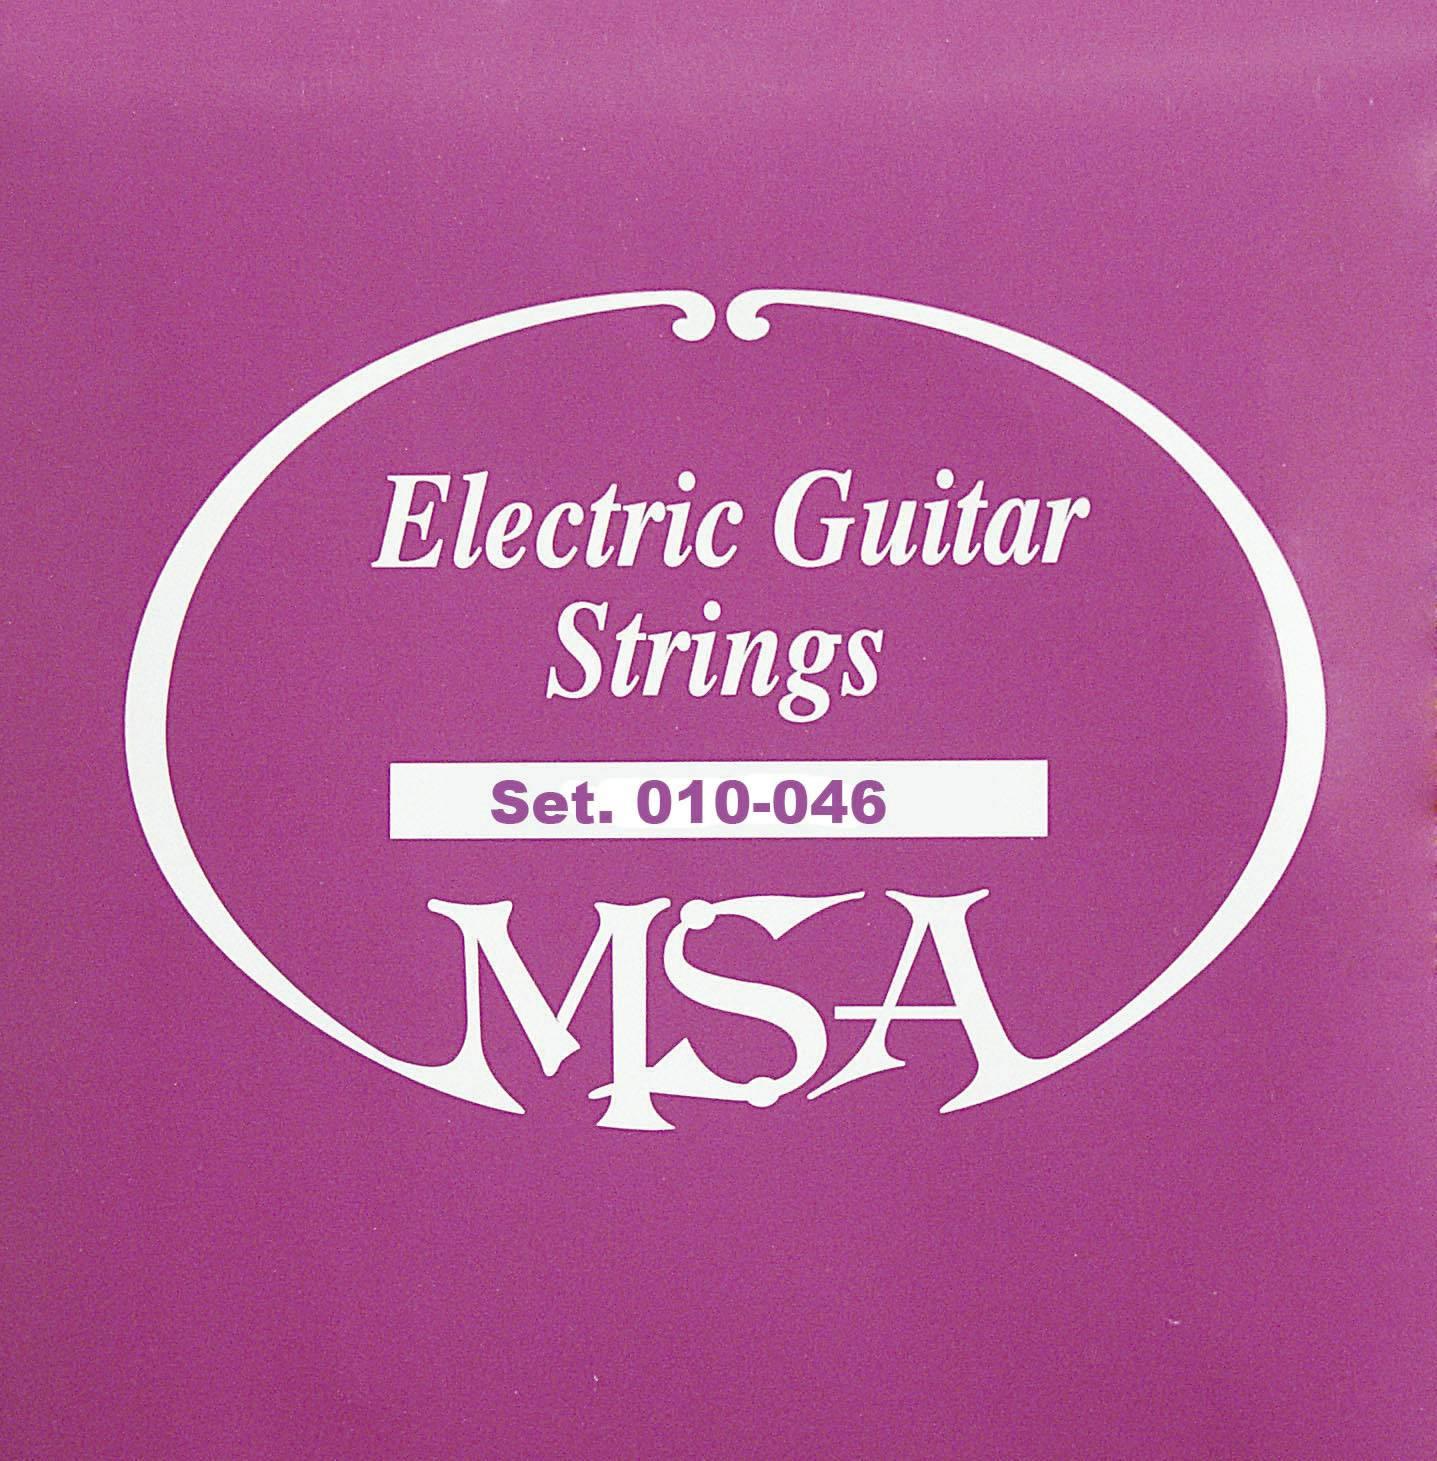 Struny na elektrickou kytaru MSA, 009 - 042